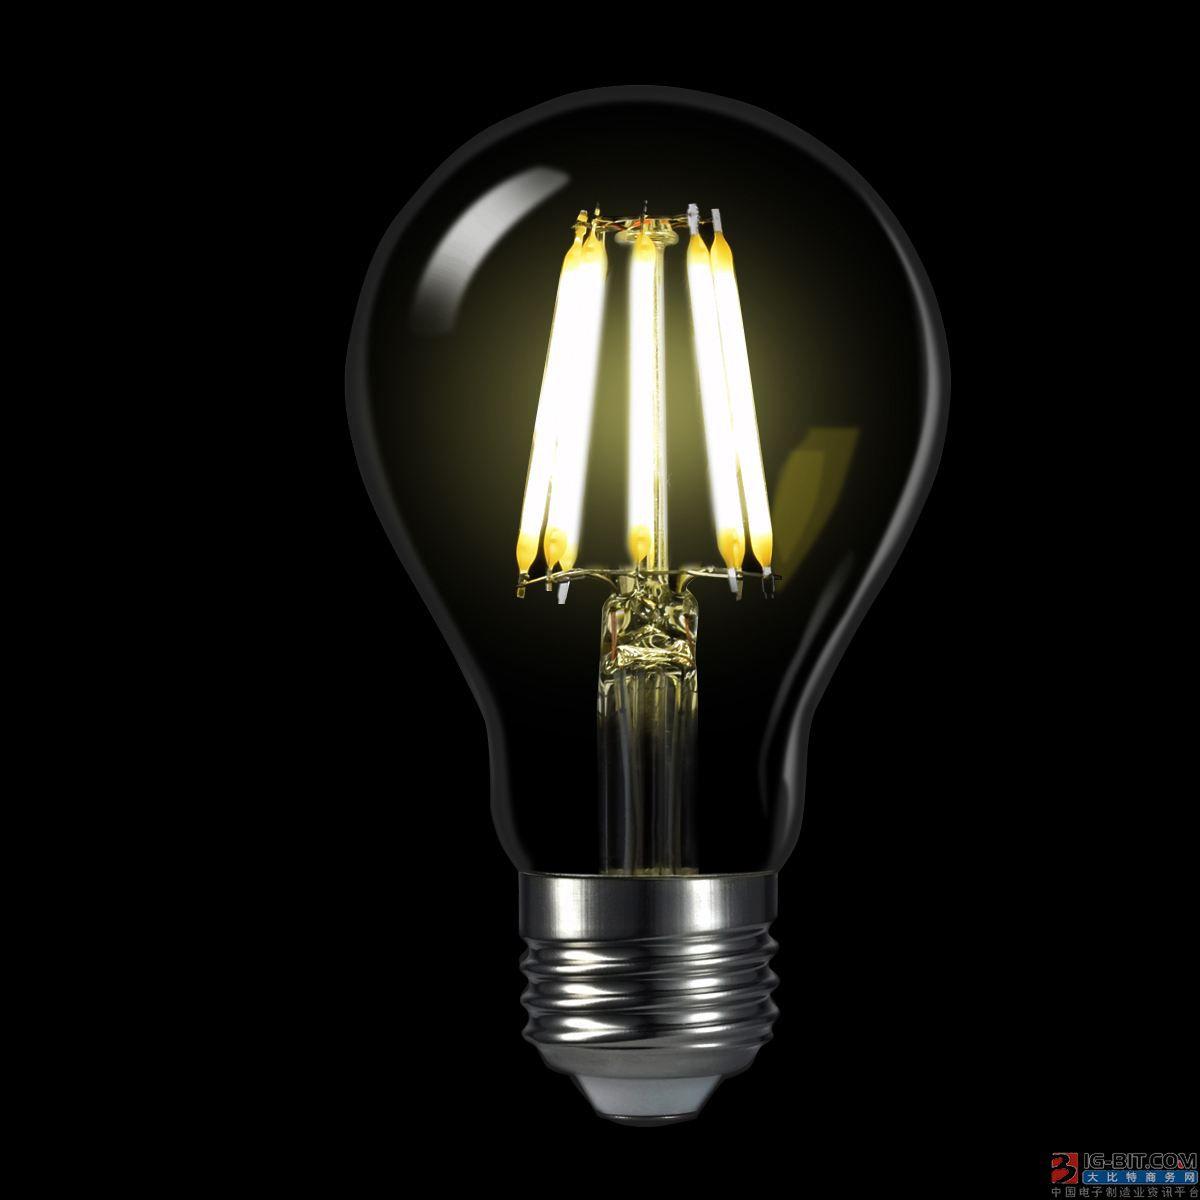 瑞丰、晶能、首尔永利奥门娱乐场等厂商高管大谈车用LED照明